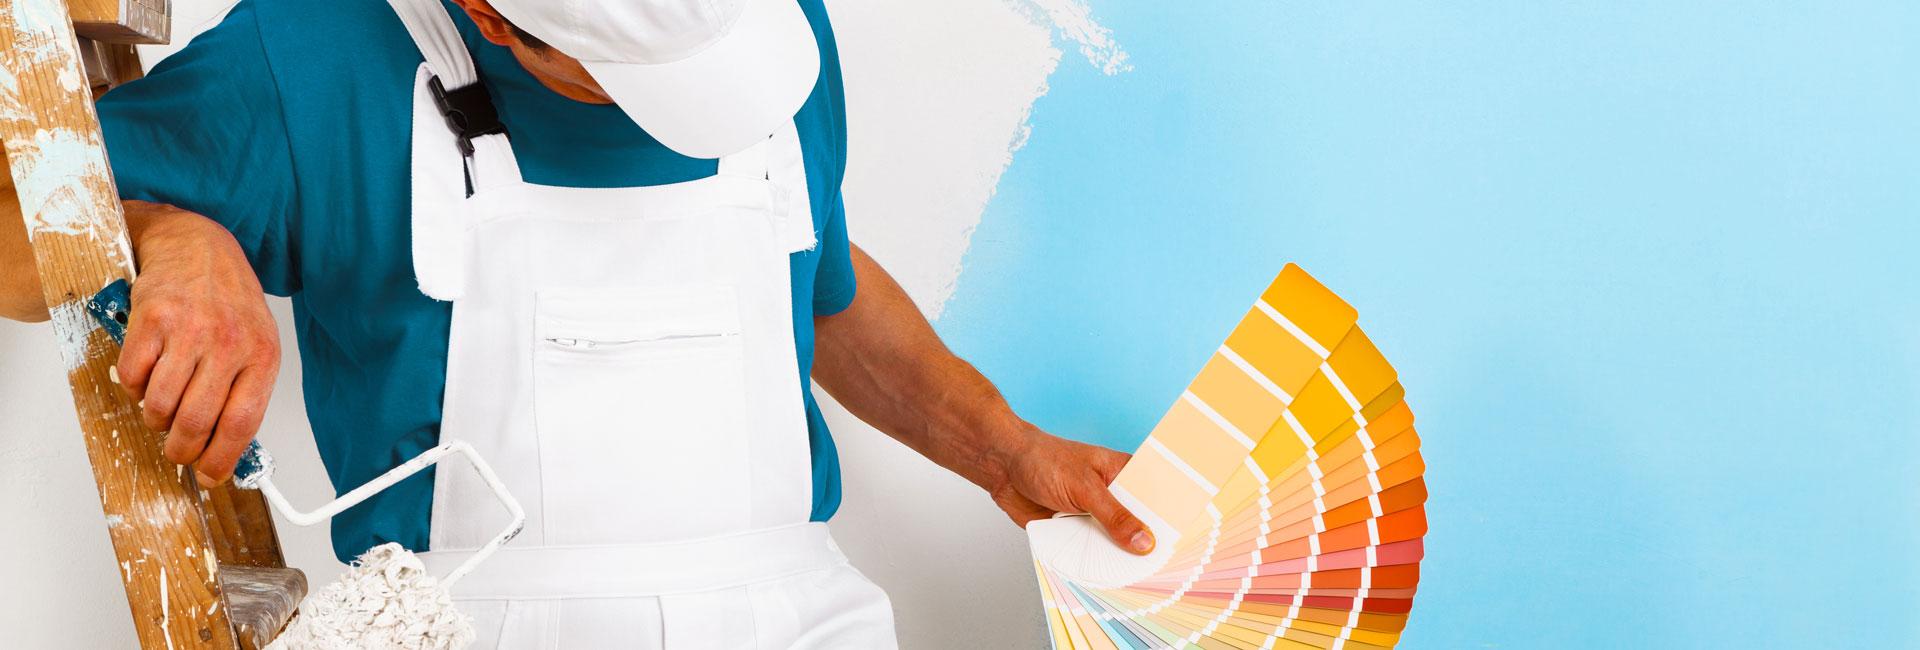 Maler mit Farbfächer auf Malerleiter